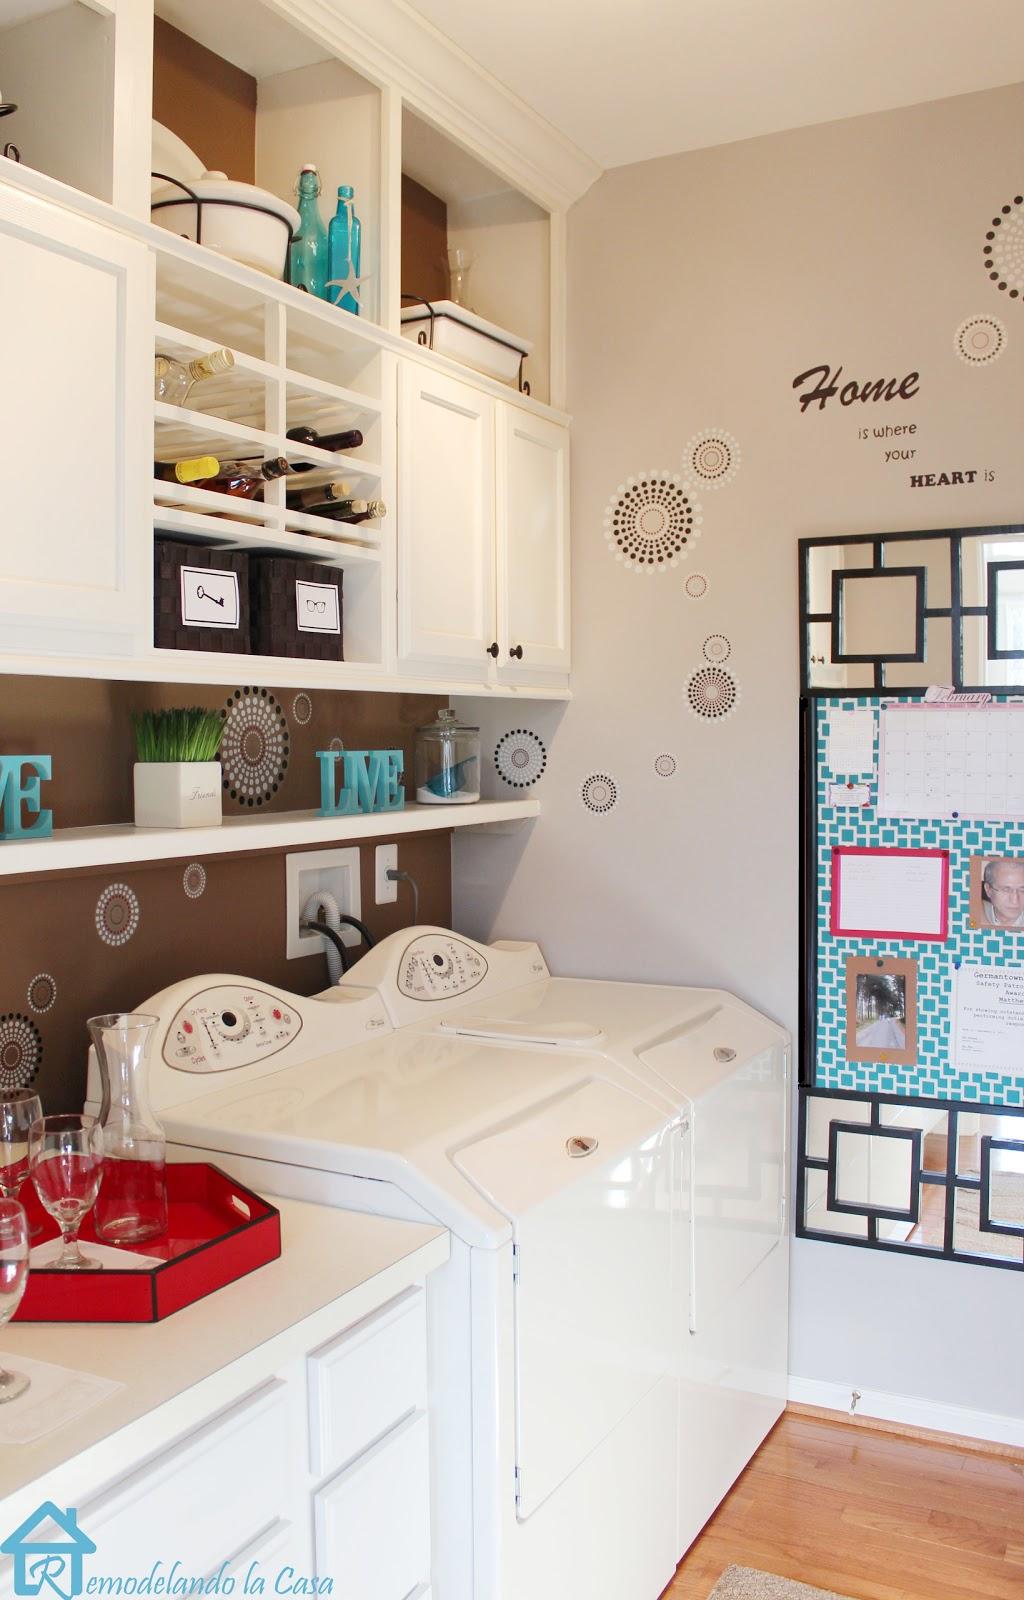 Laundry room mini makeover remodelando la casa for Small room no windows